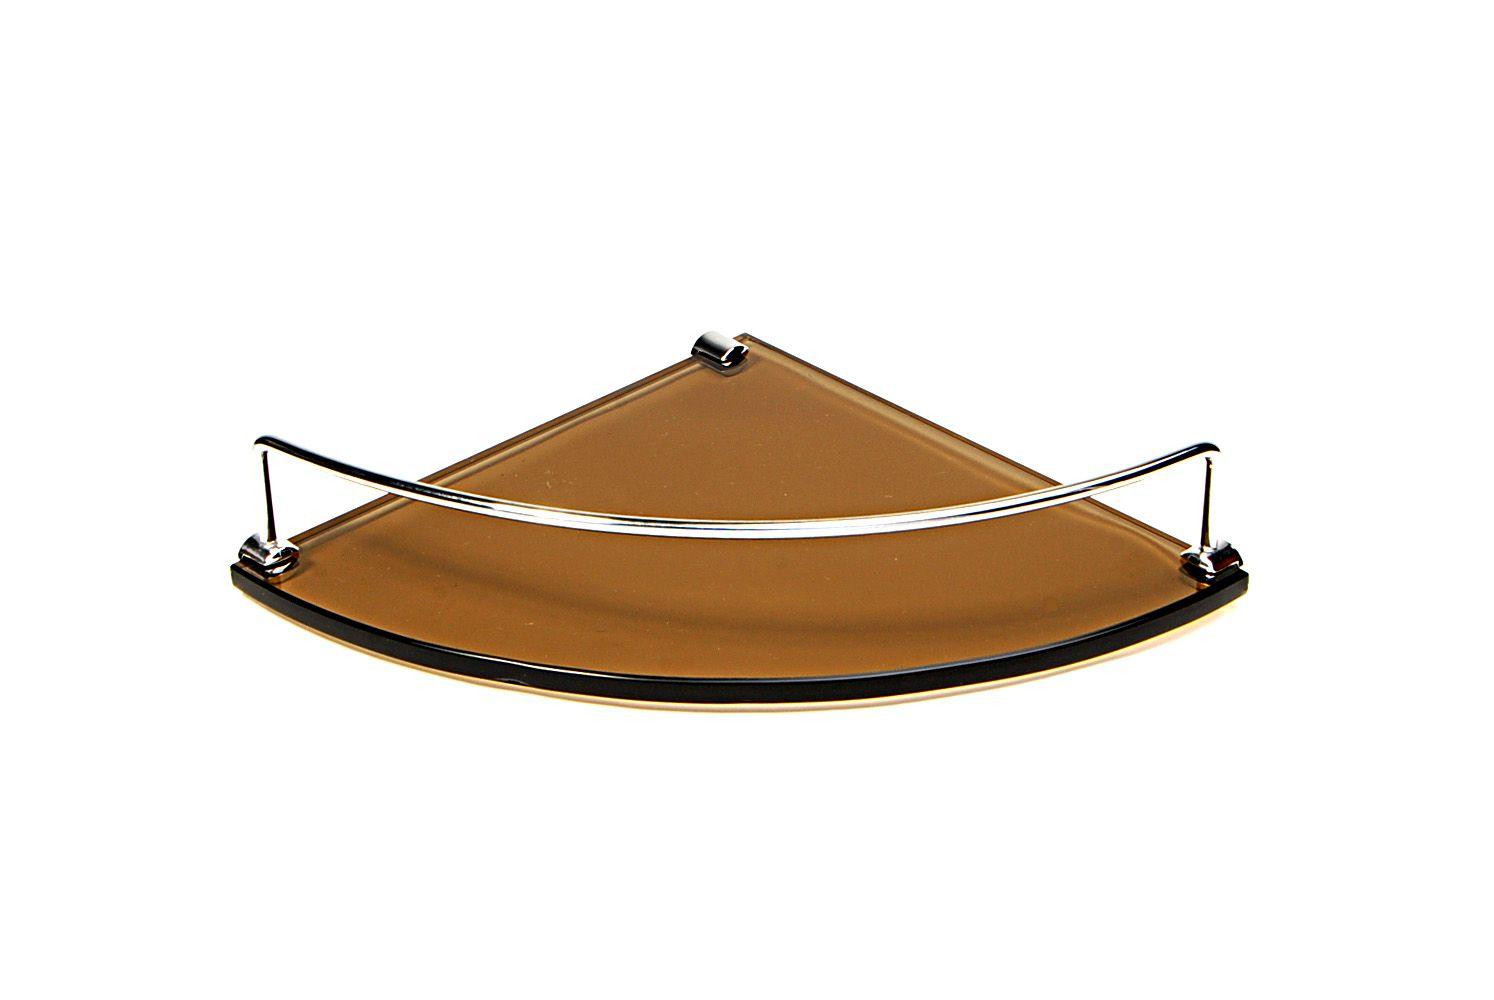 Porta Shampoo de Canto Curvo em Vidro Bronze Lapidado - Aquabox  - 25cmx25cmx10mm